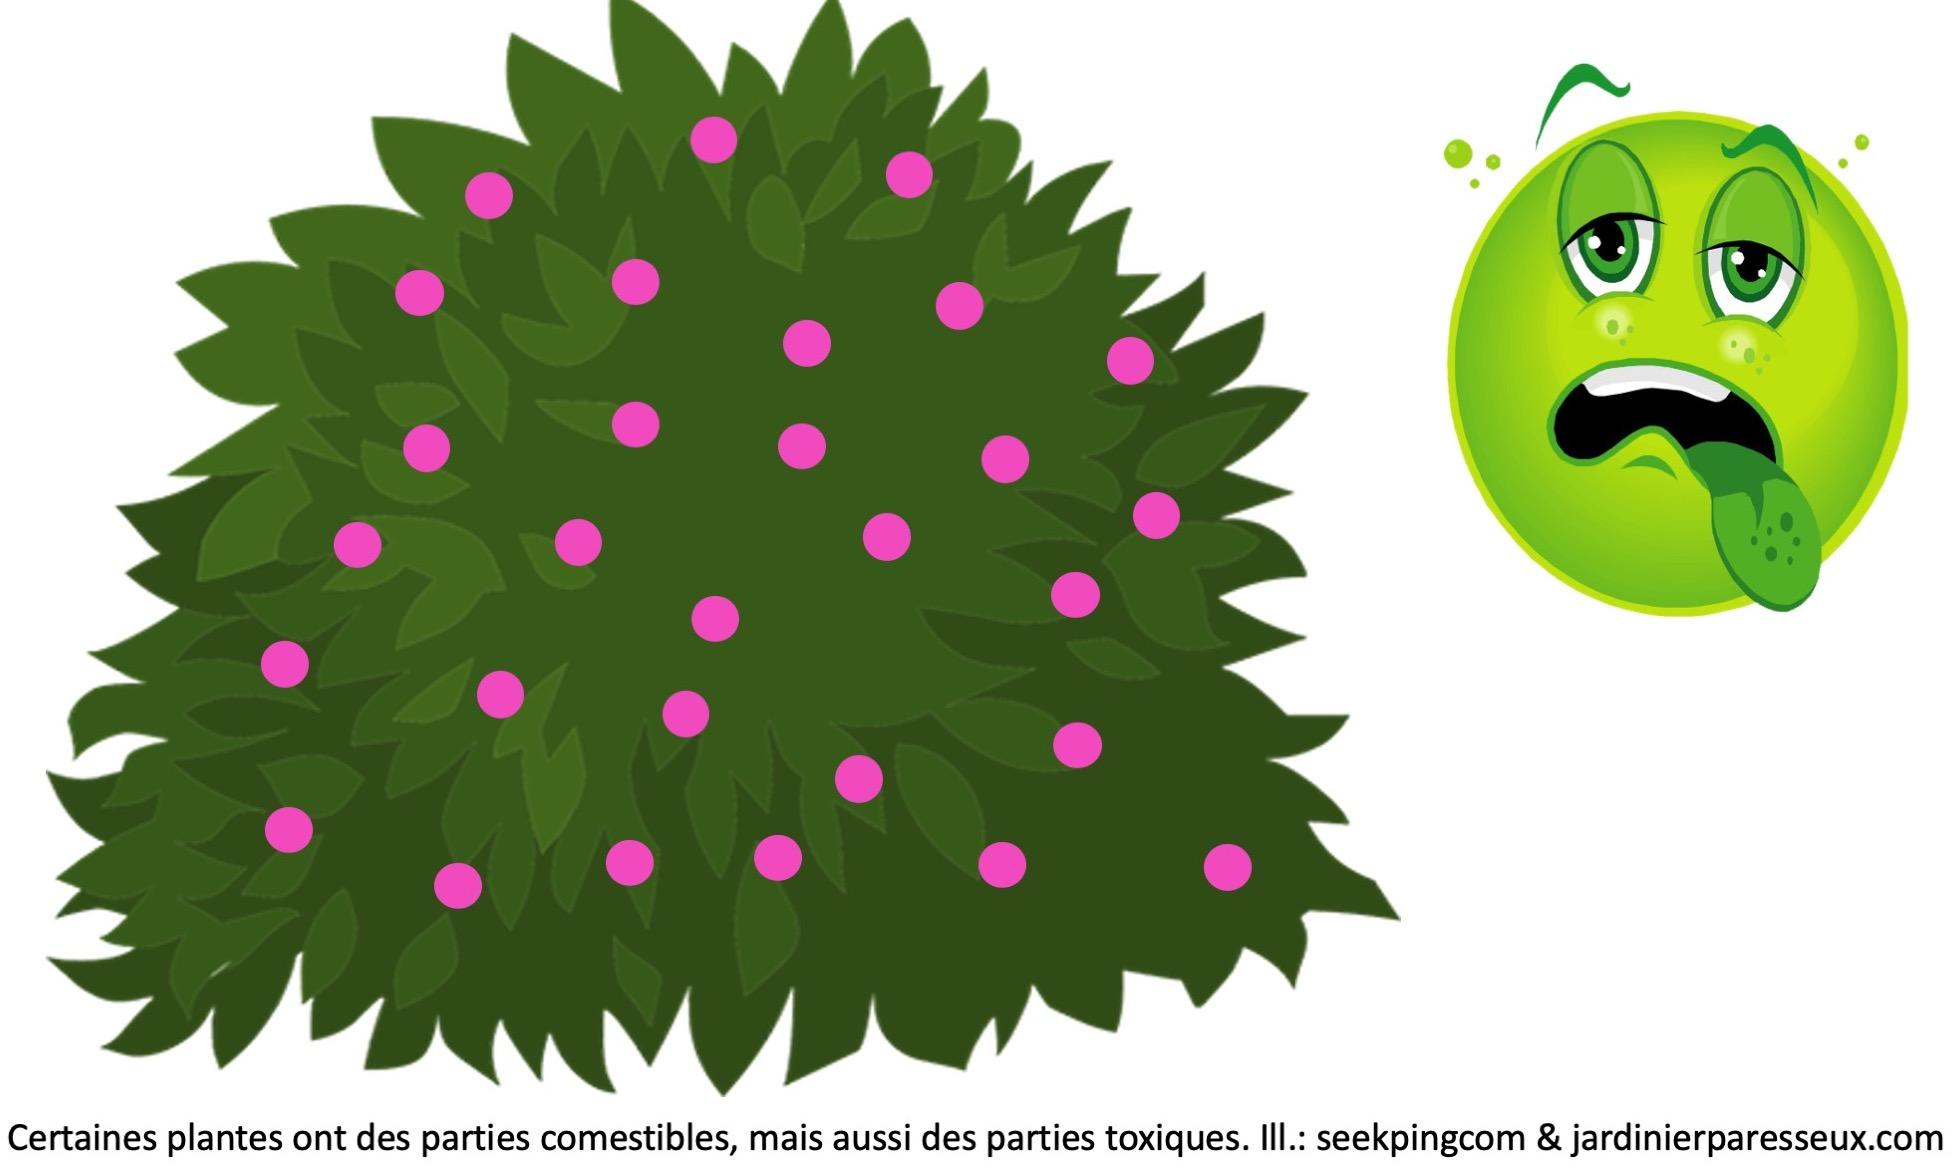 Arbustes avec fruits mauves, emoji vert qui paraît malade.